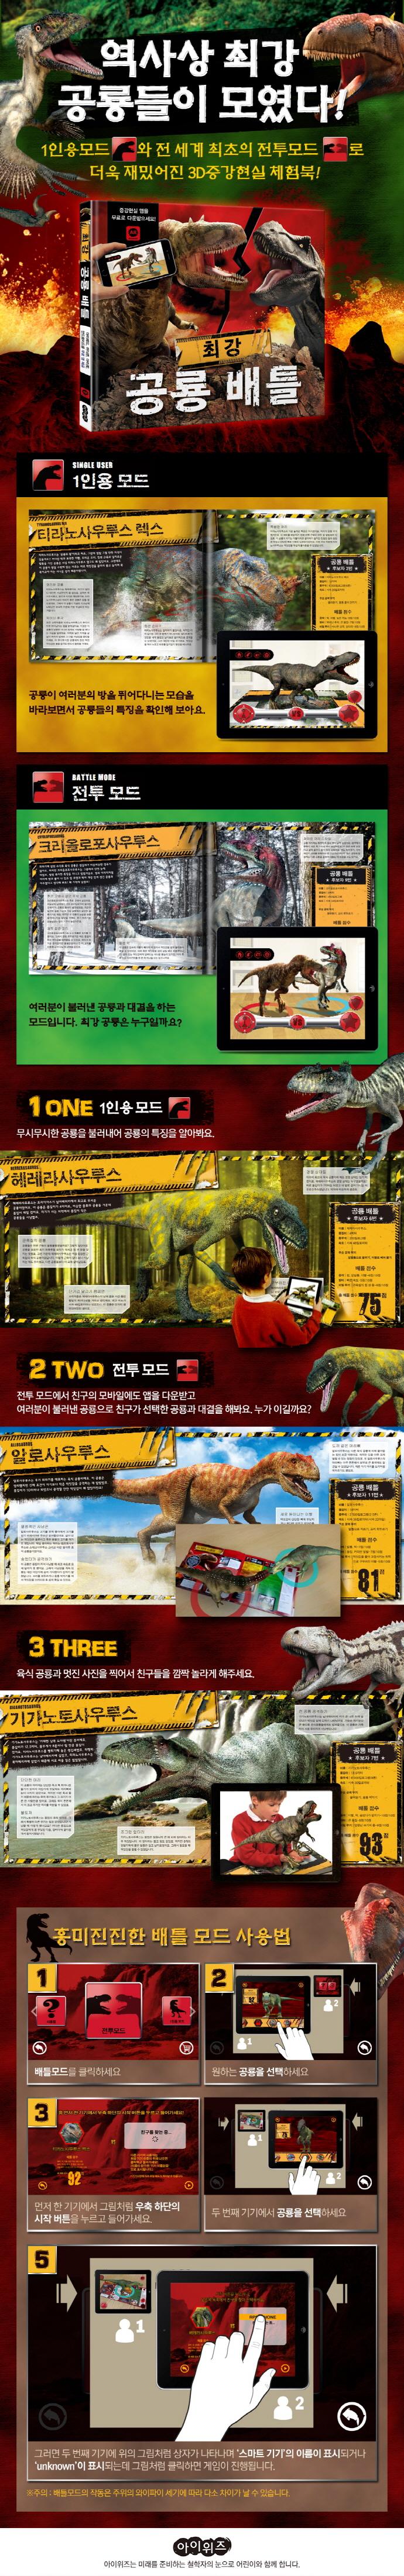 공룡 배틀(최강)(양장본 HardCover) 도서 상세이미지